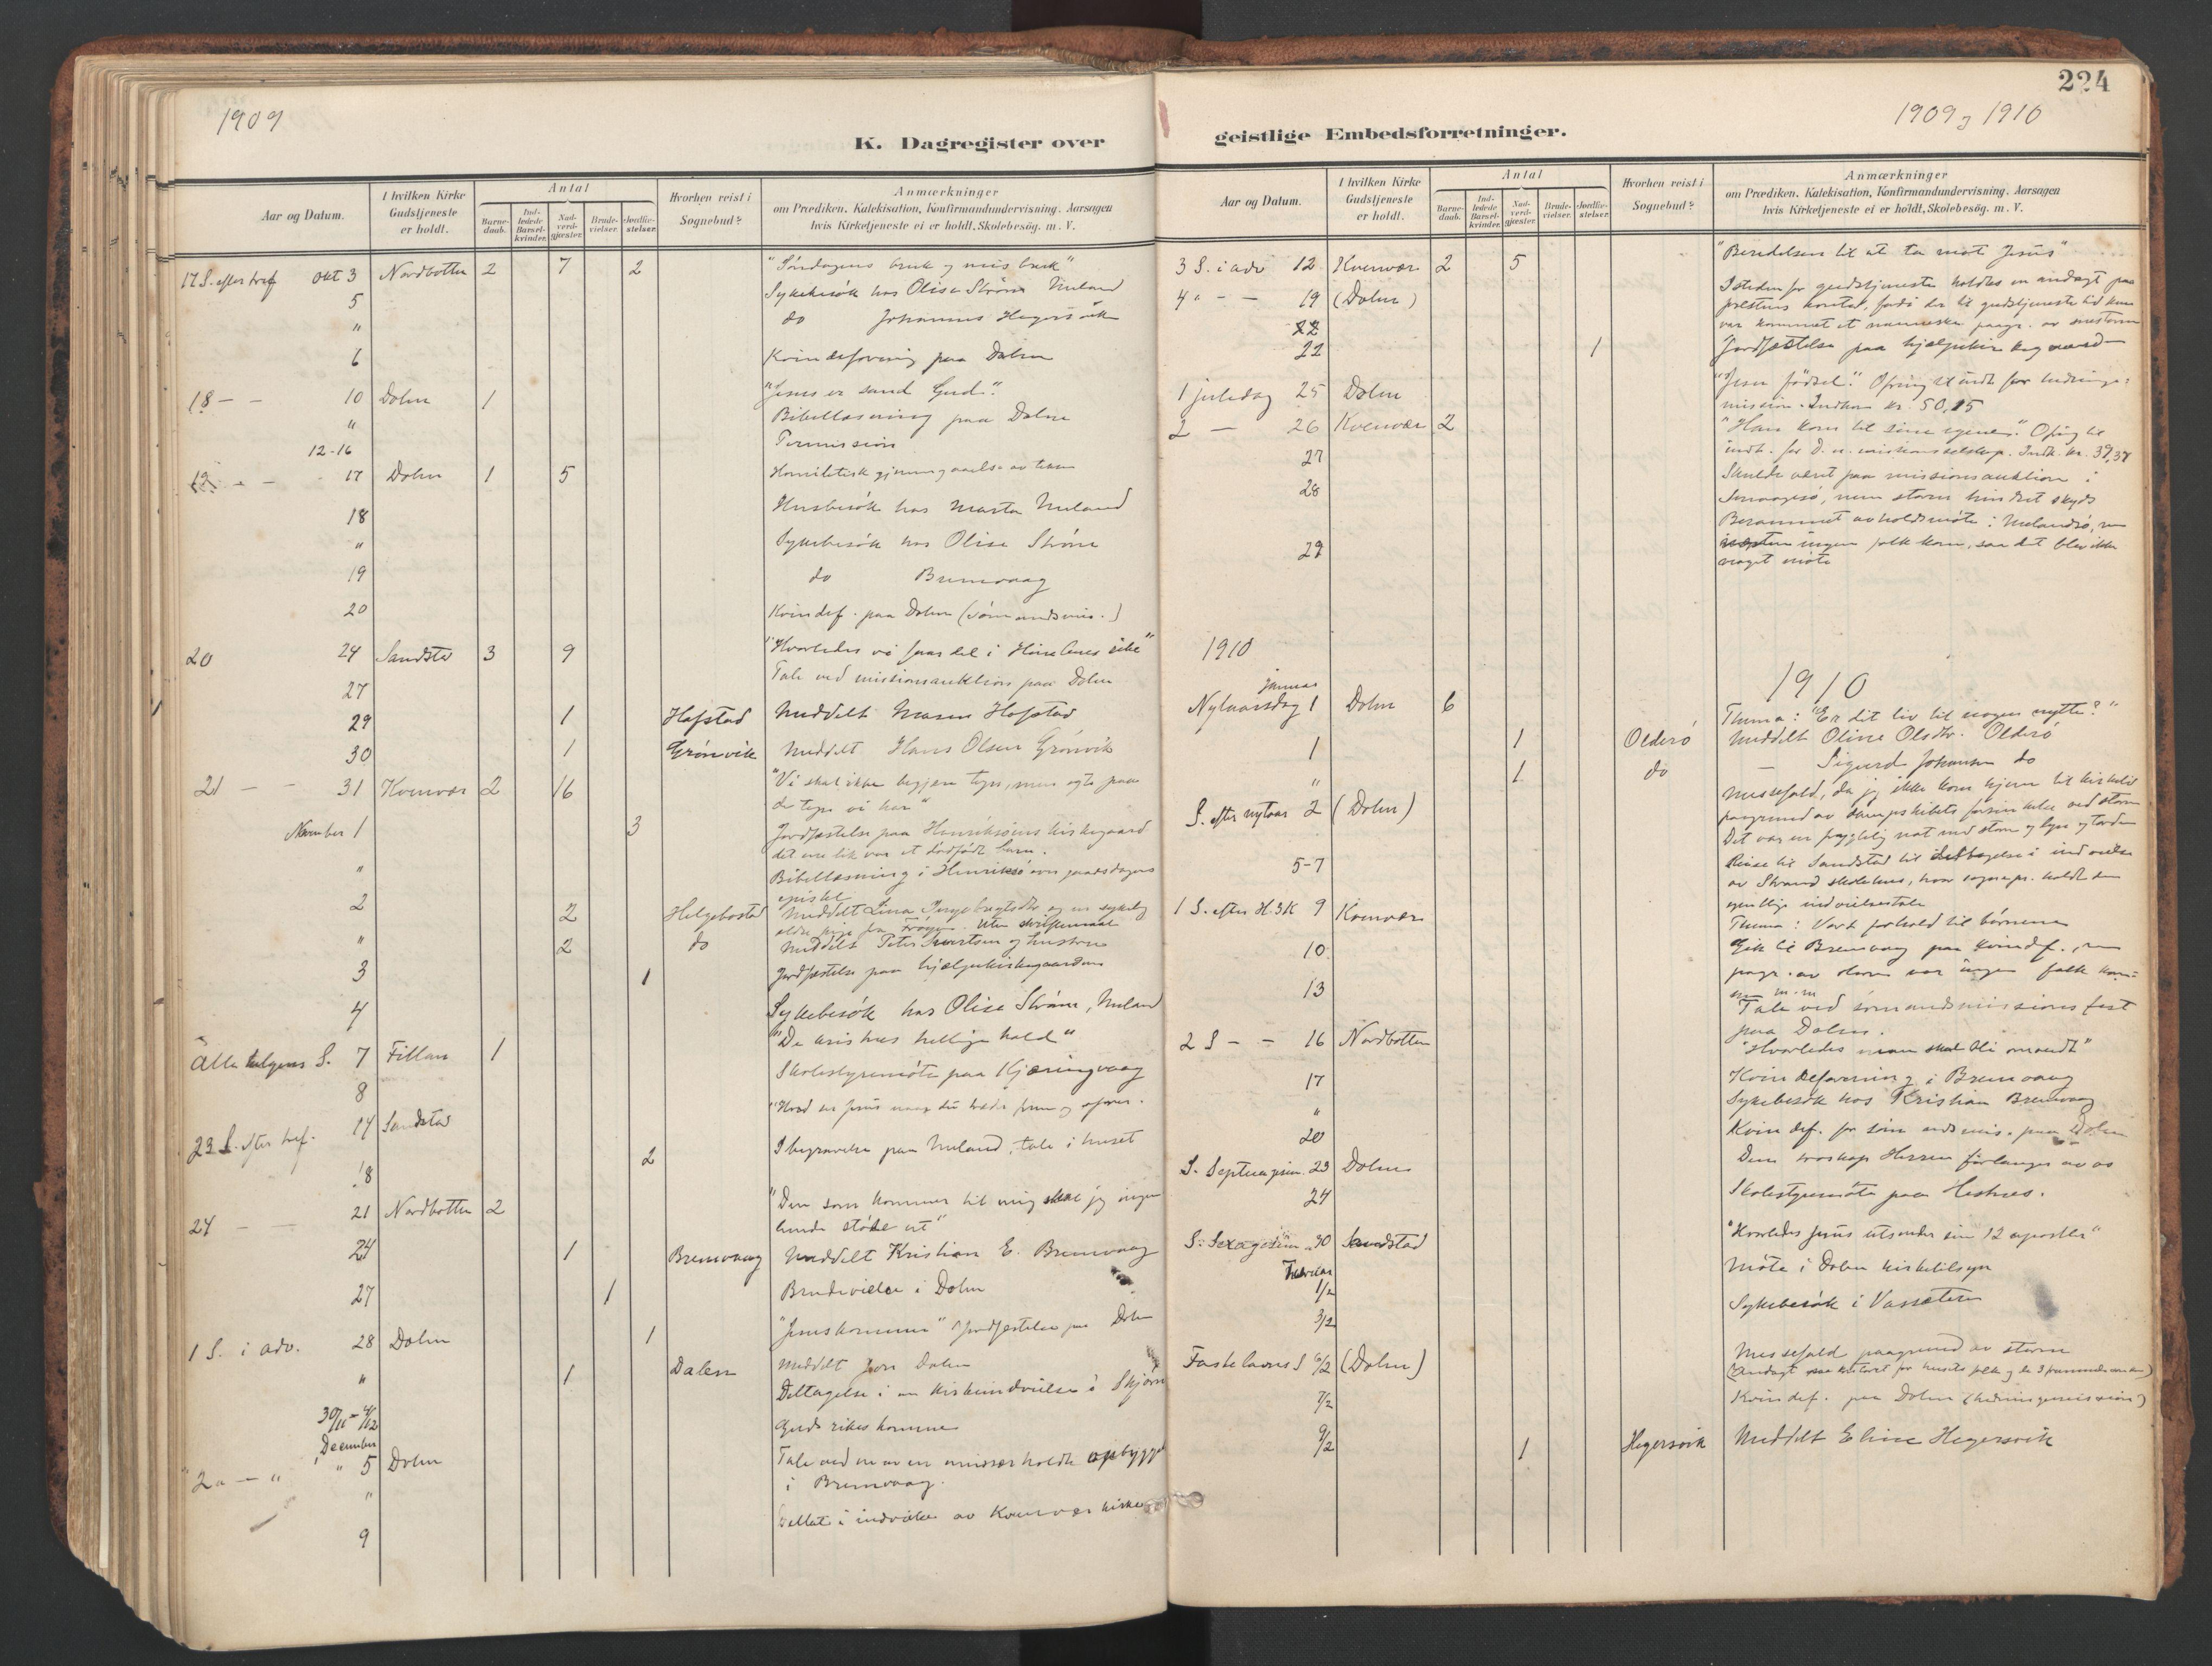 SAT, Ministerialprotokoller, klokkerbøker og fødselsregistre - Sør-Trøndelag, 634/L0537: Ministerialbok nr. 634A13, 1896-1922, s. 224